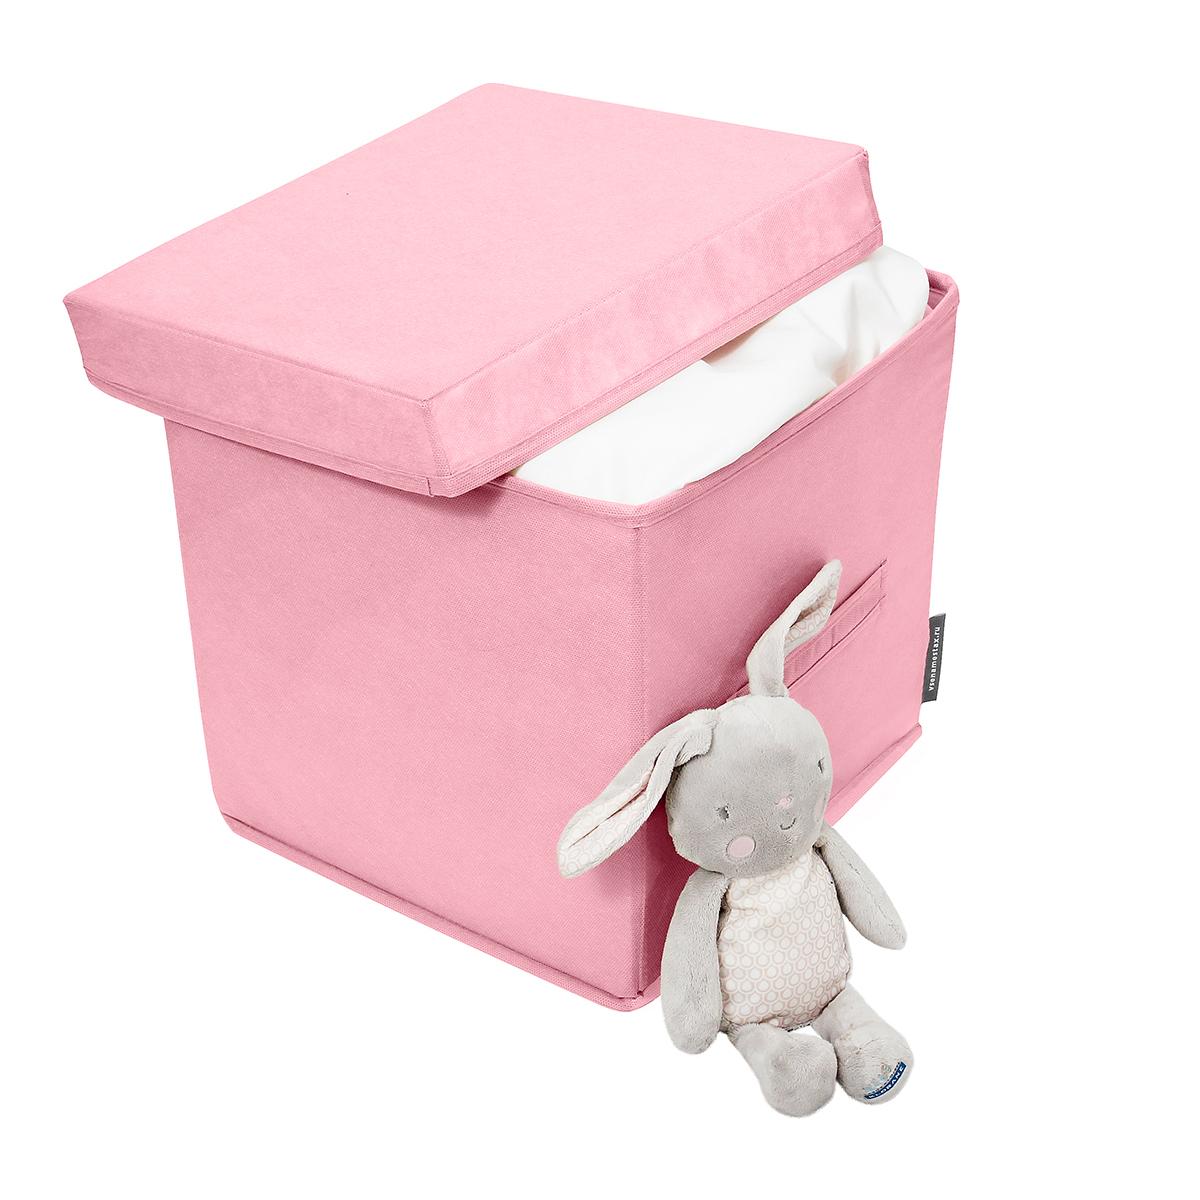 Коробка для вещей 30х30х30 см, с крышкой, 1 ячейка, Токио